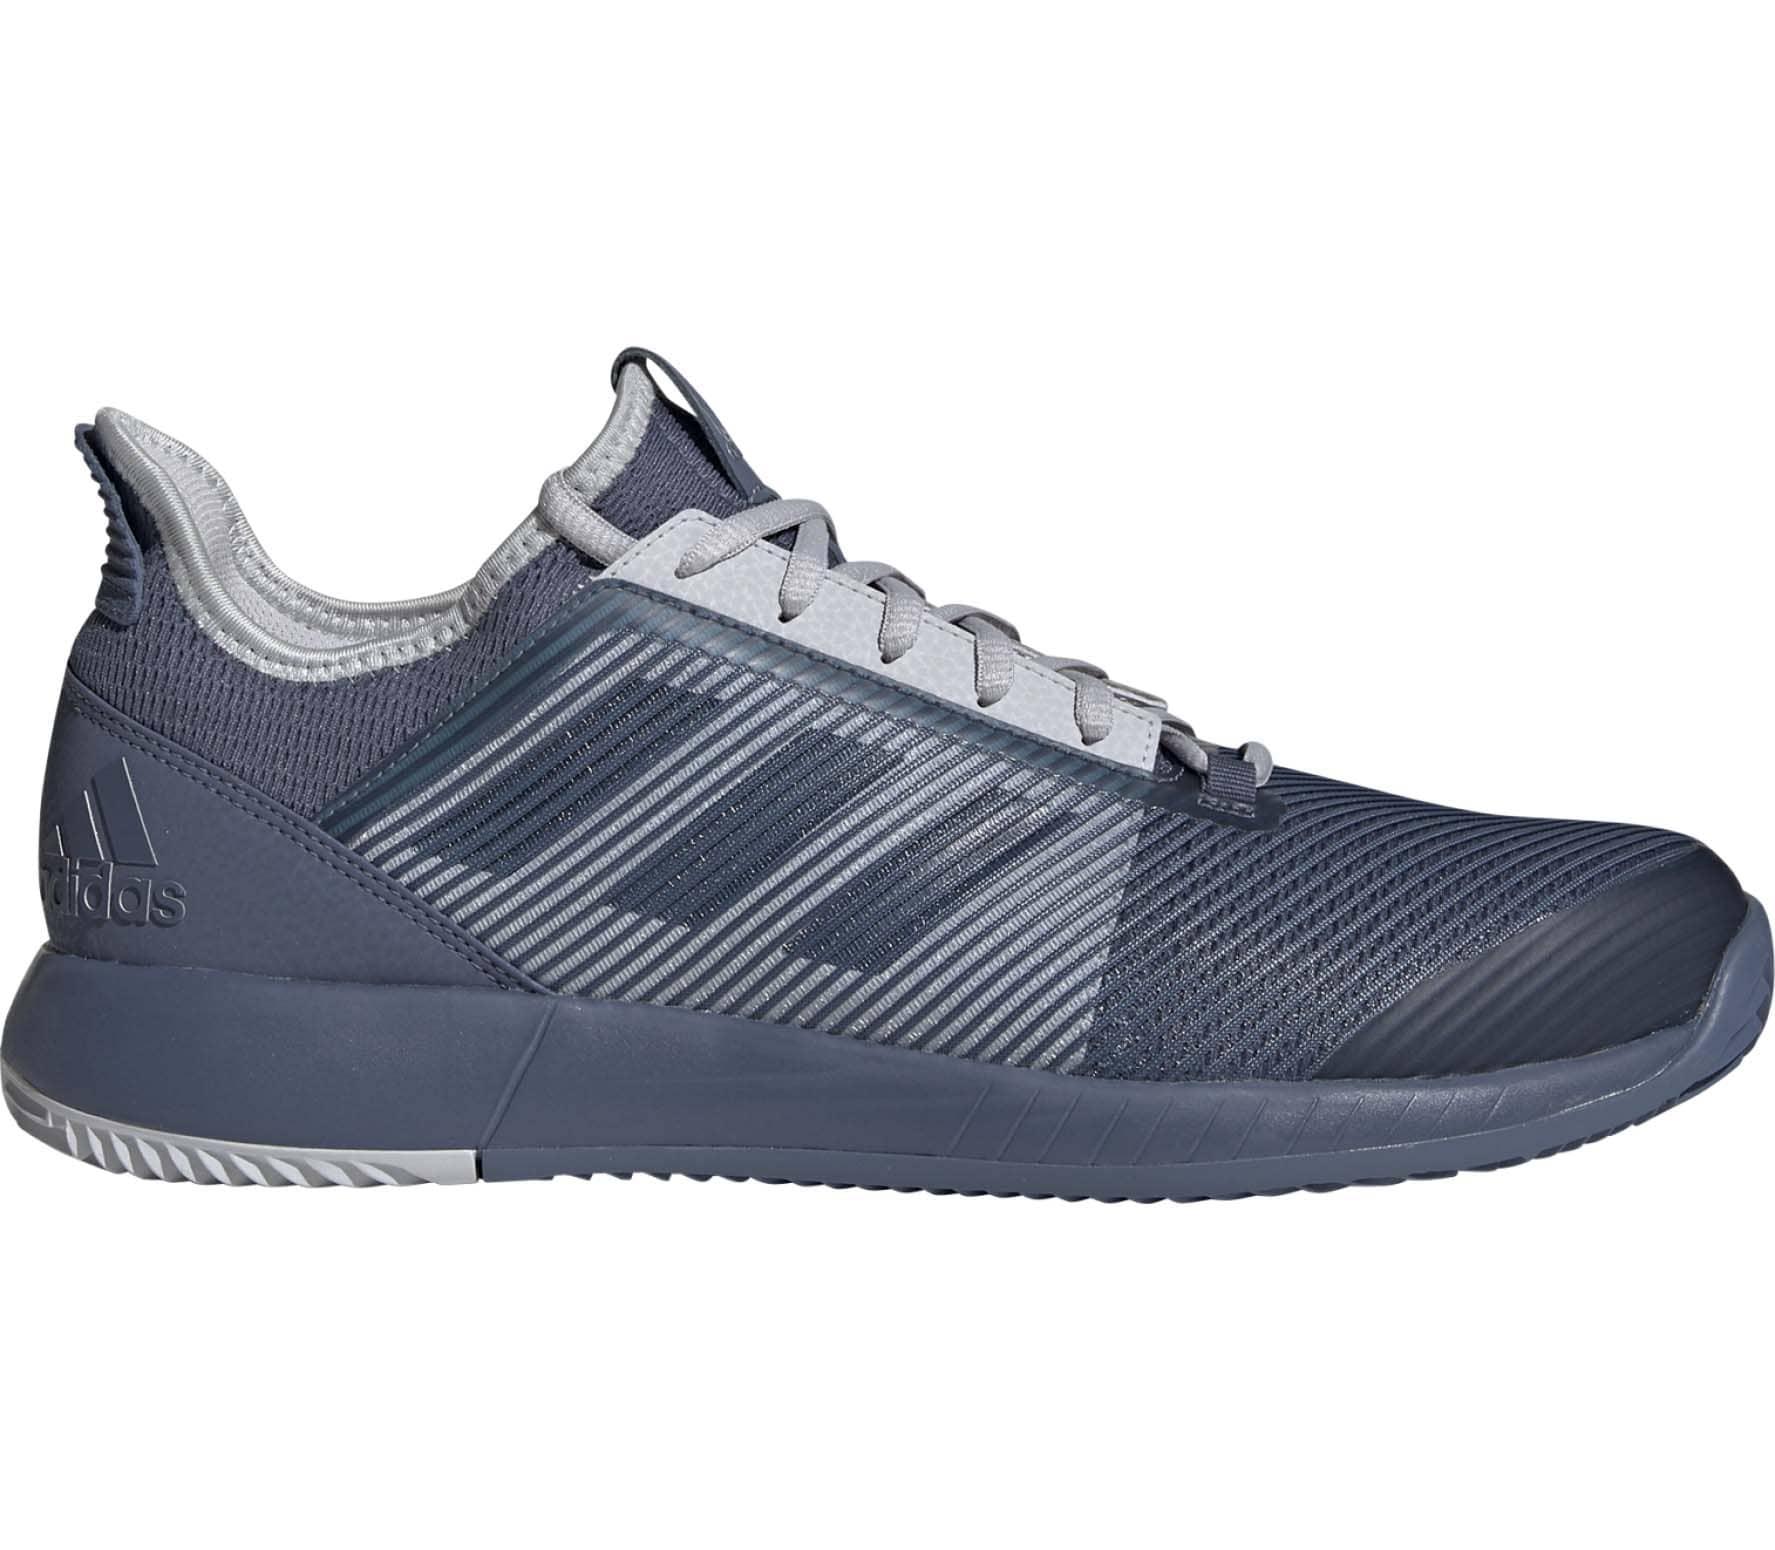 adidas Adizero Defiant Bounce 2 Hombre Zapatillas de tenis gris